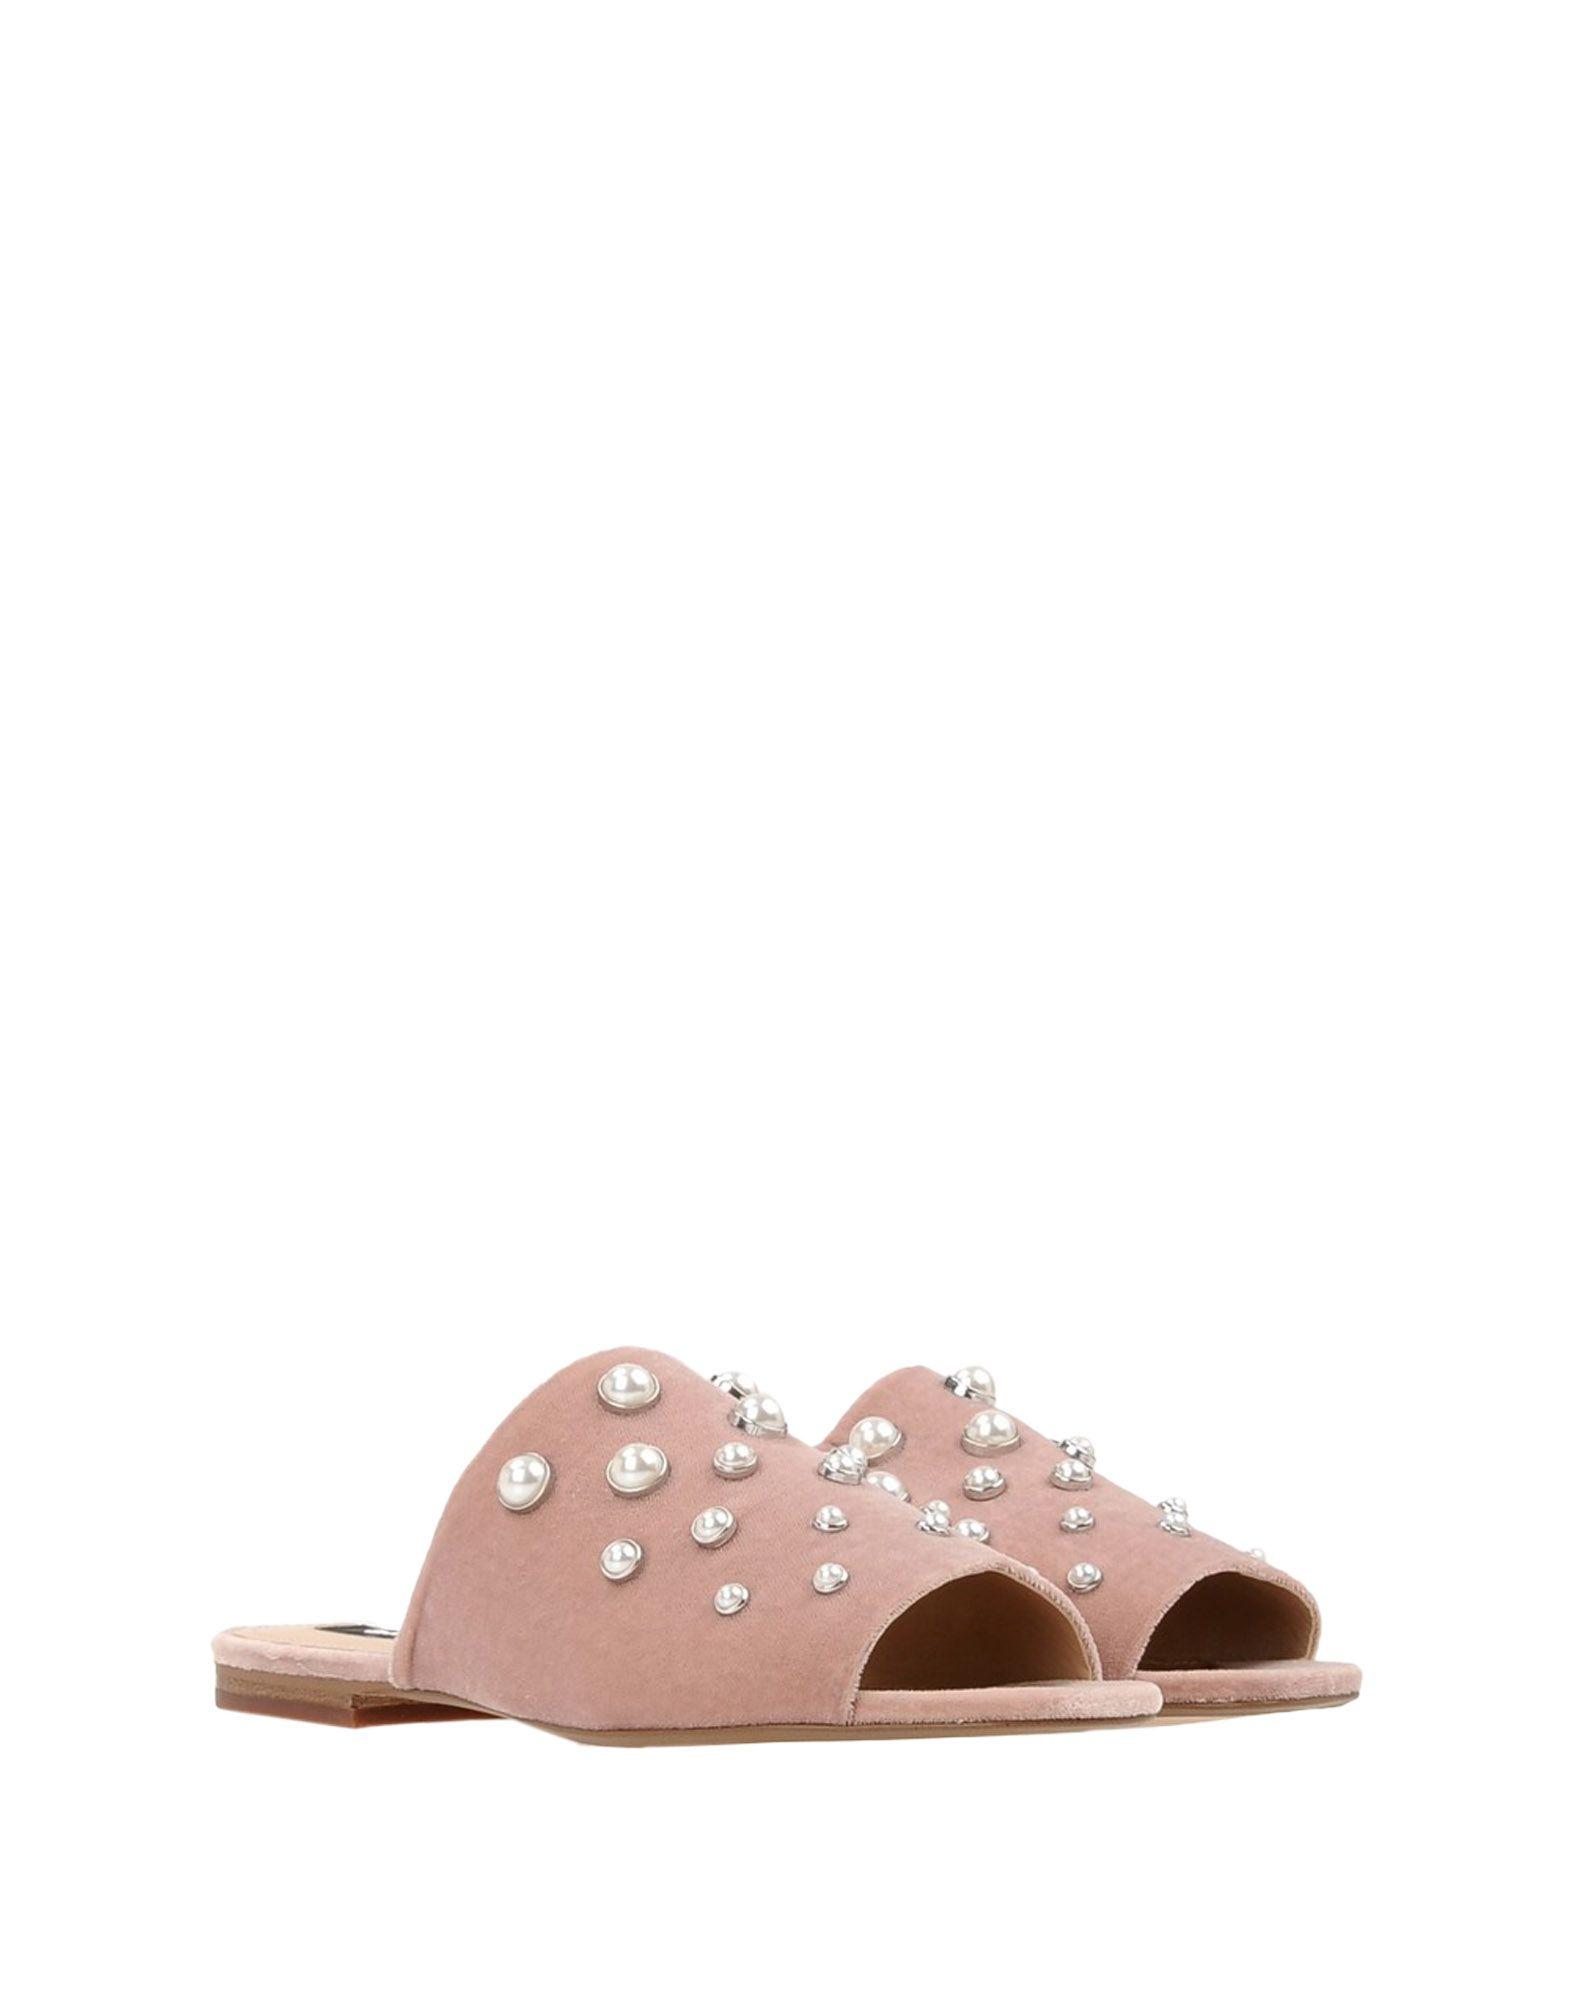 Sandales Dkny Roy - Flat Sandal - Femme - Sandales Dkny sur